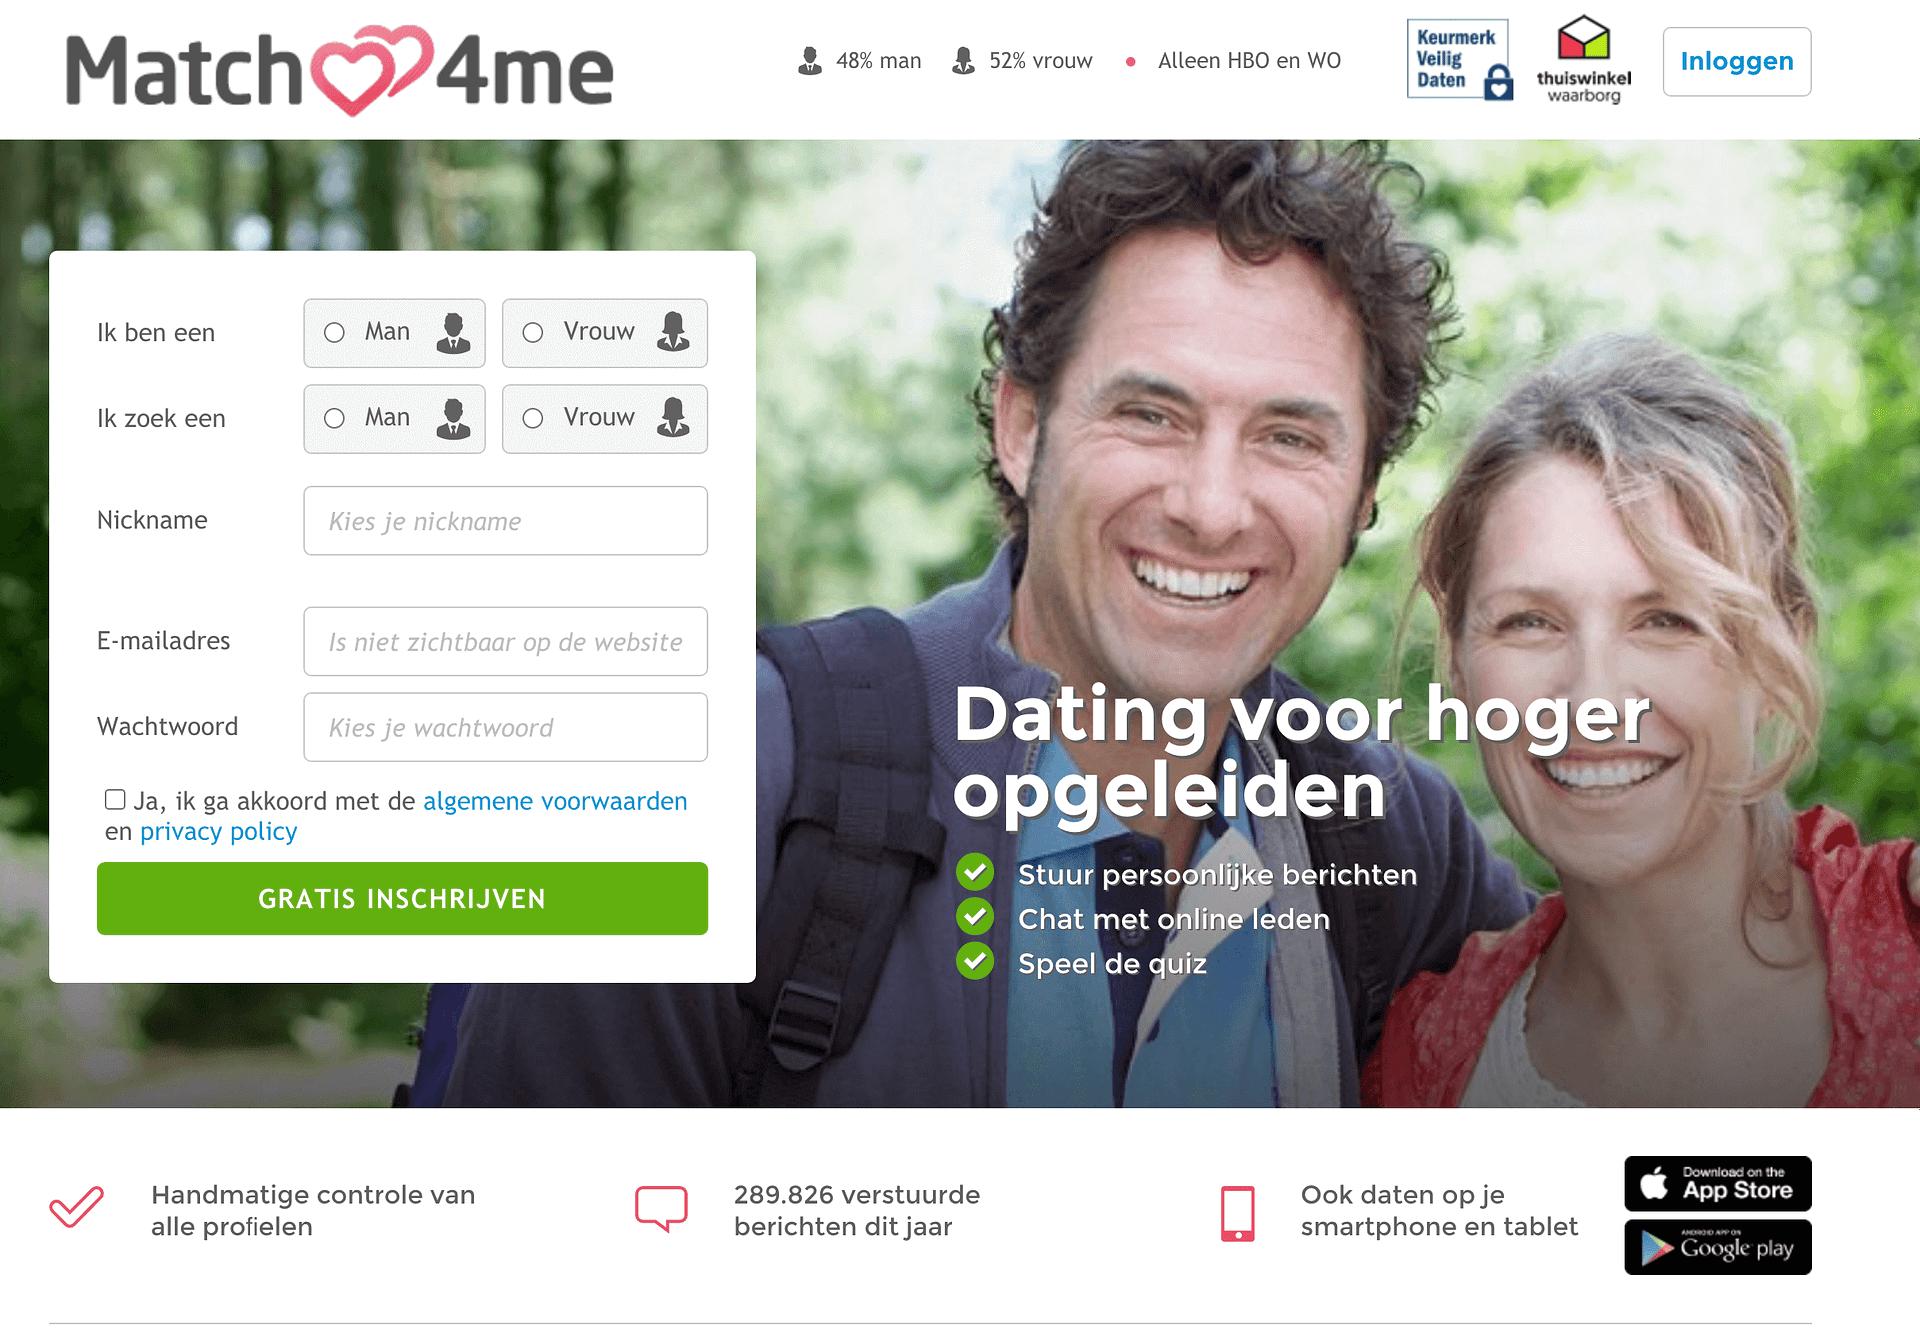 datingsite hoger opgeleiden Zaltbommel